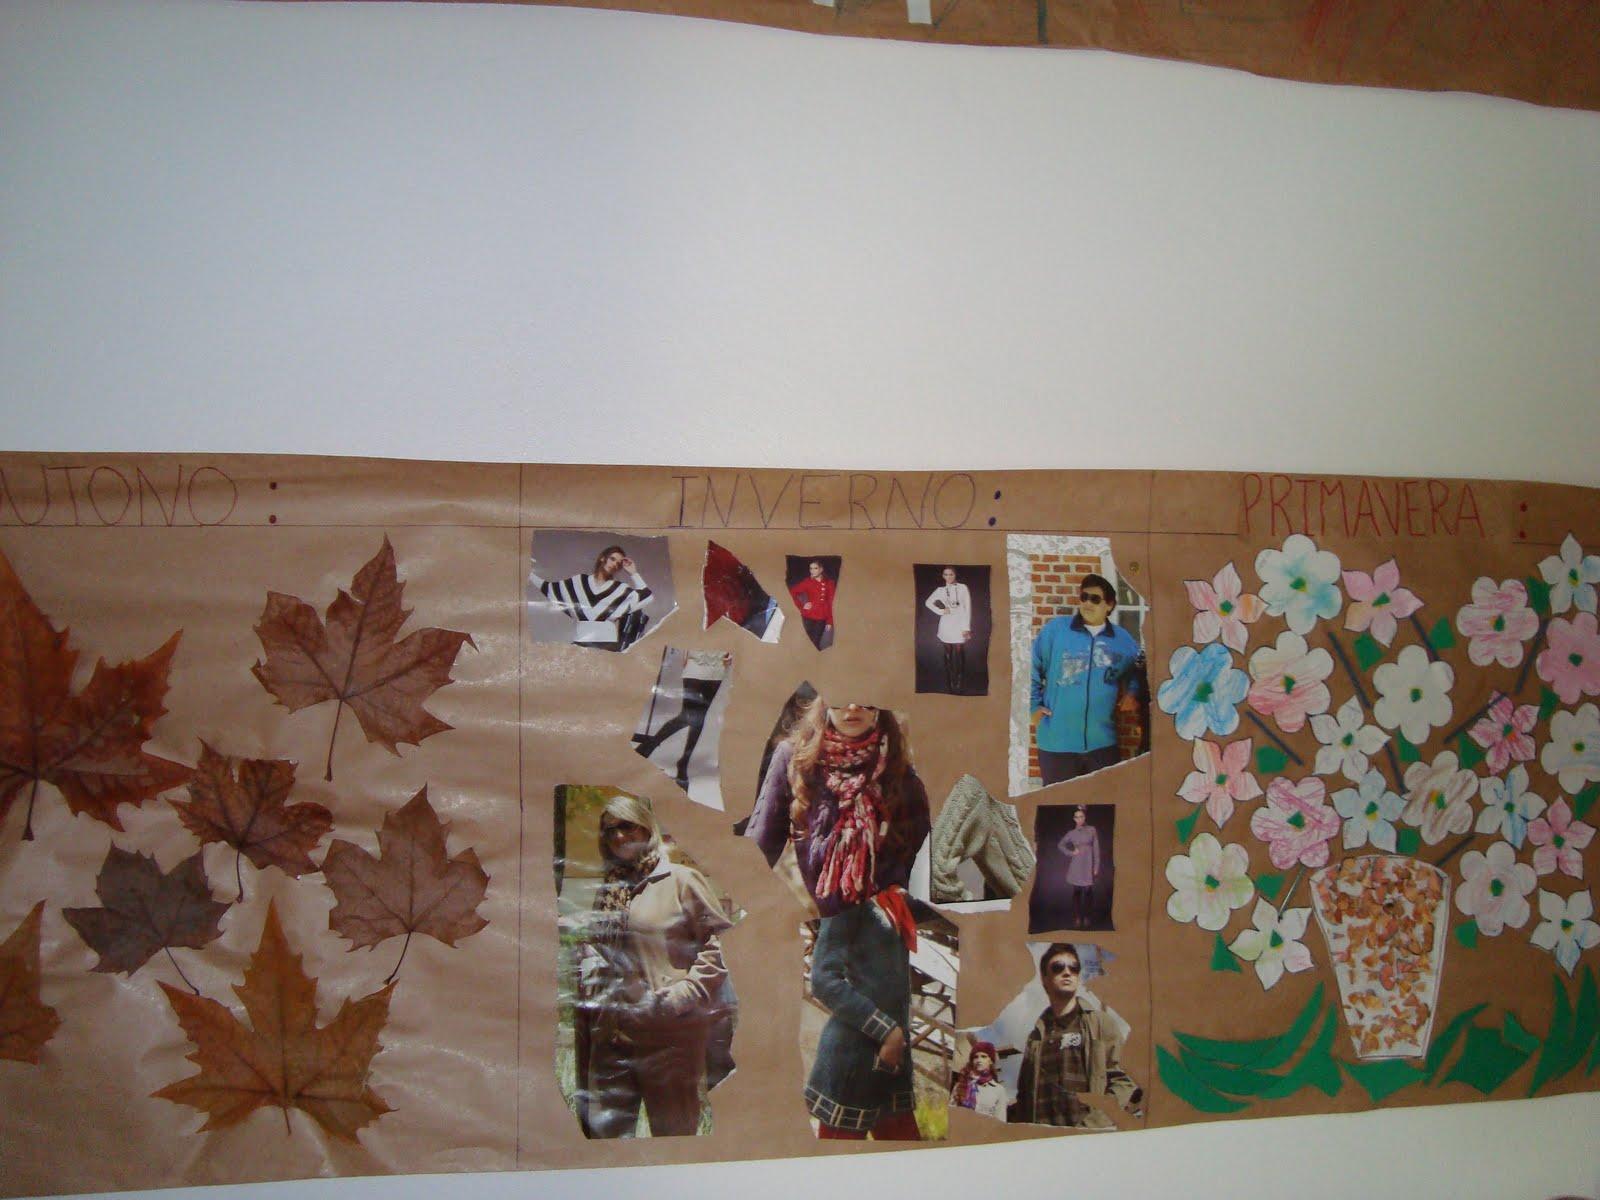 #145938 projetosedinfantil: Projetos na Educação Infantil ESTAÇÕES DO ANO 1600x1200 px Projeto Cozinha Na Educação Infantil_4295 Imagens